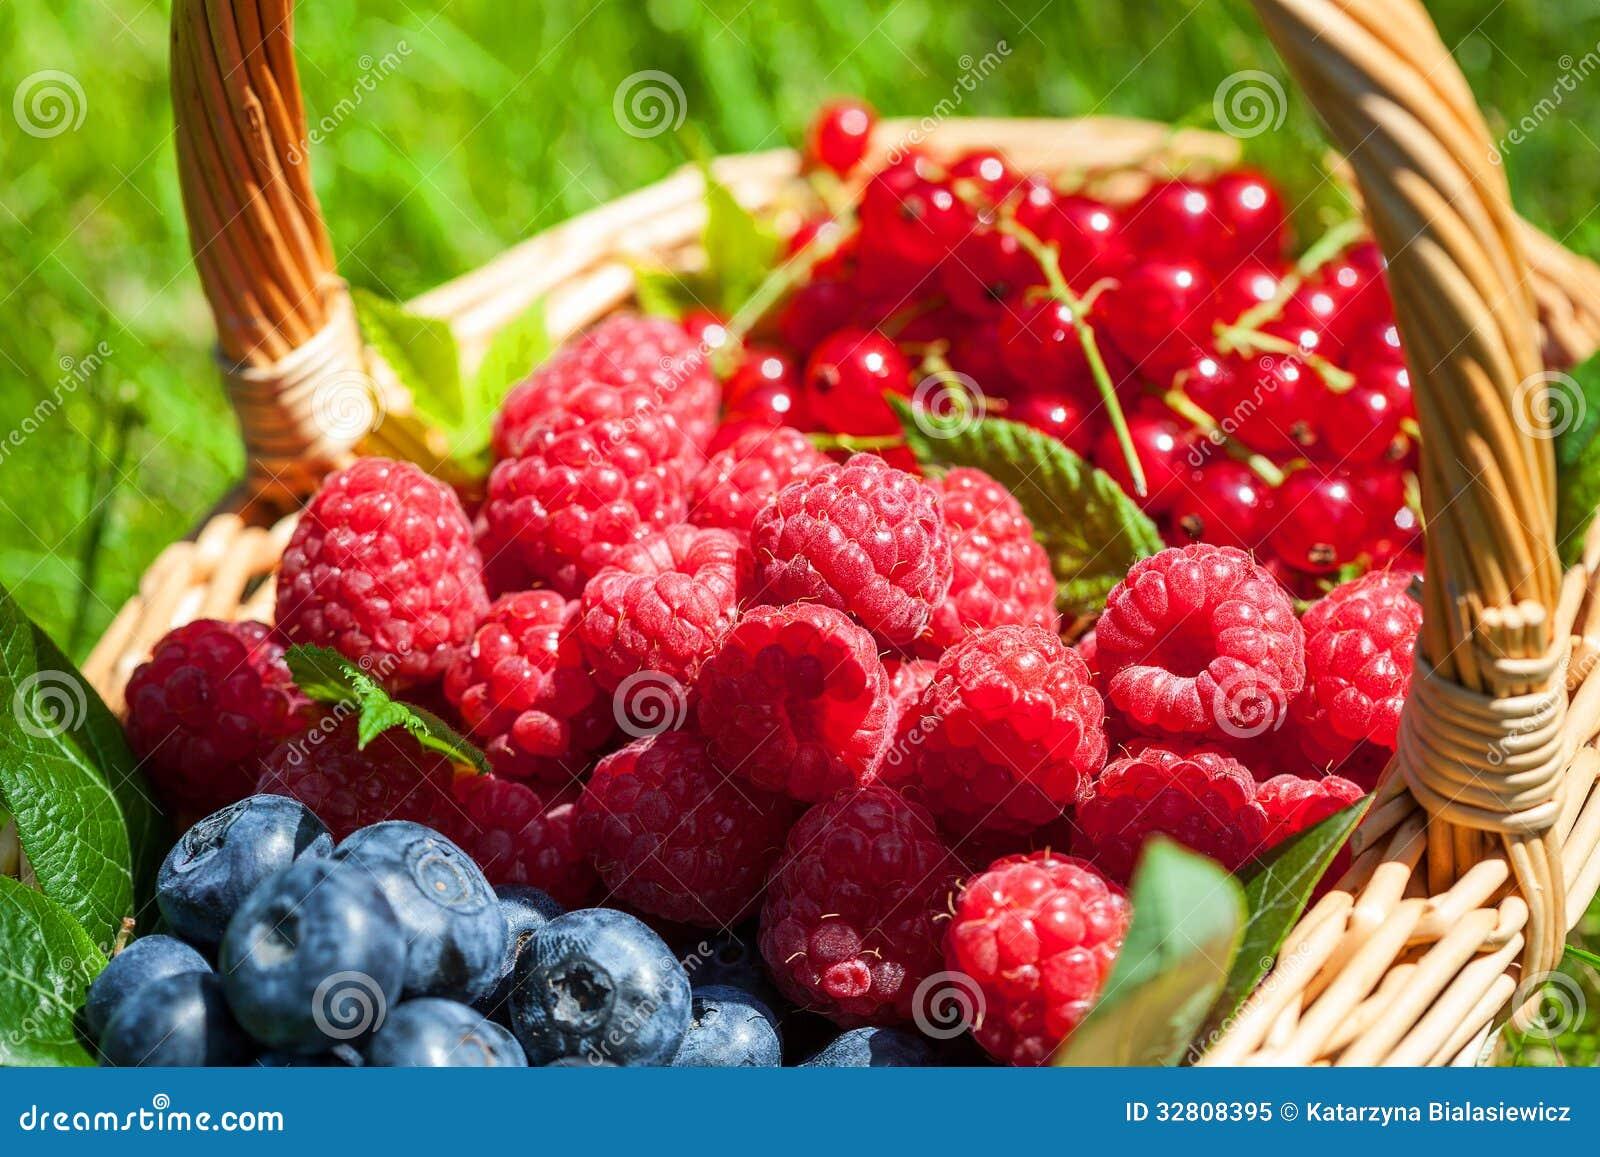 Summer Fruit Royalty Free Stock Photo Image 32808395